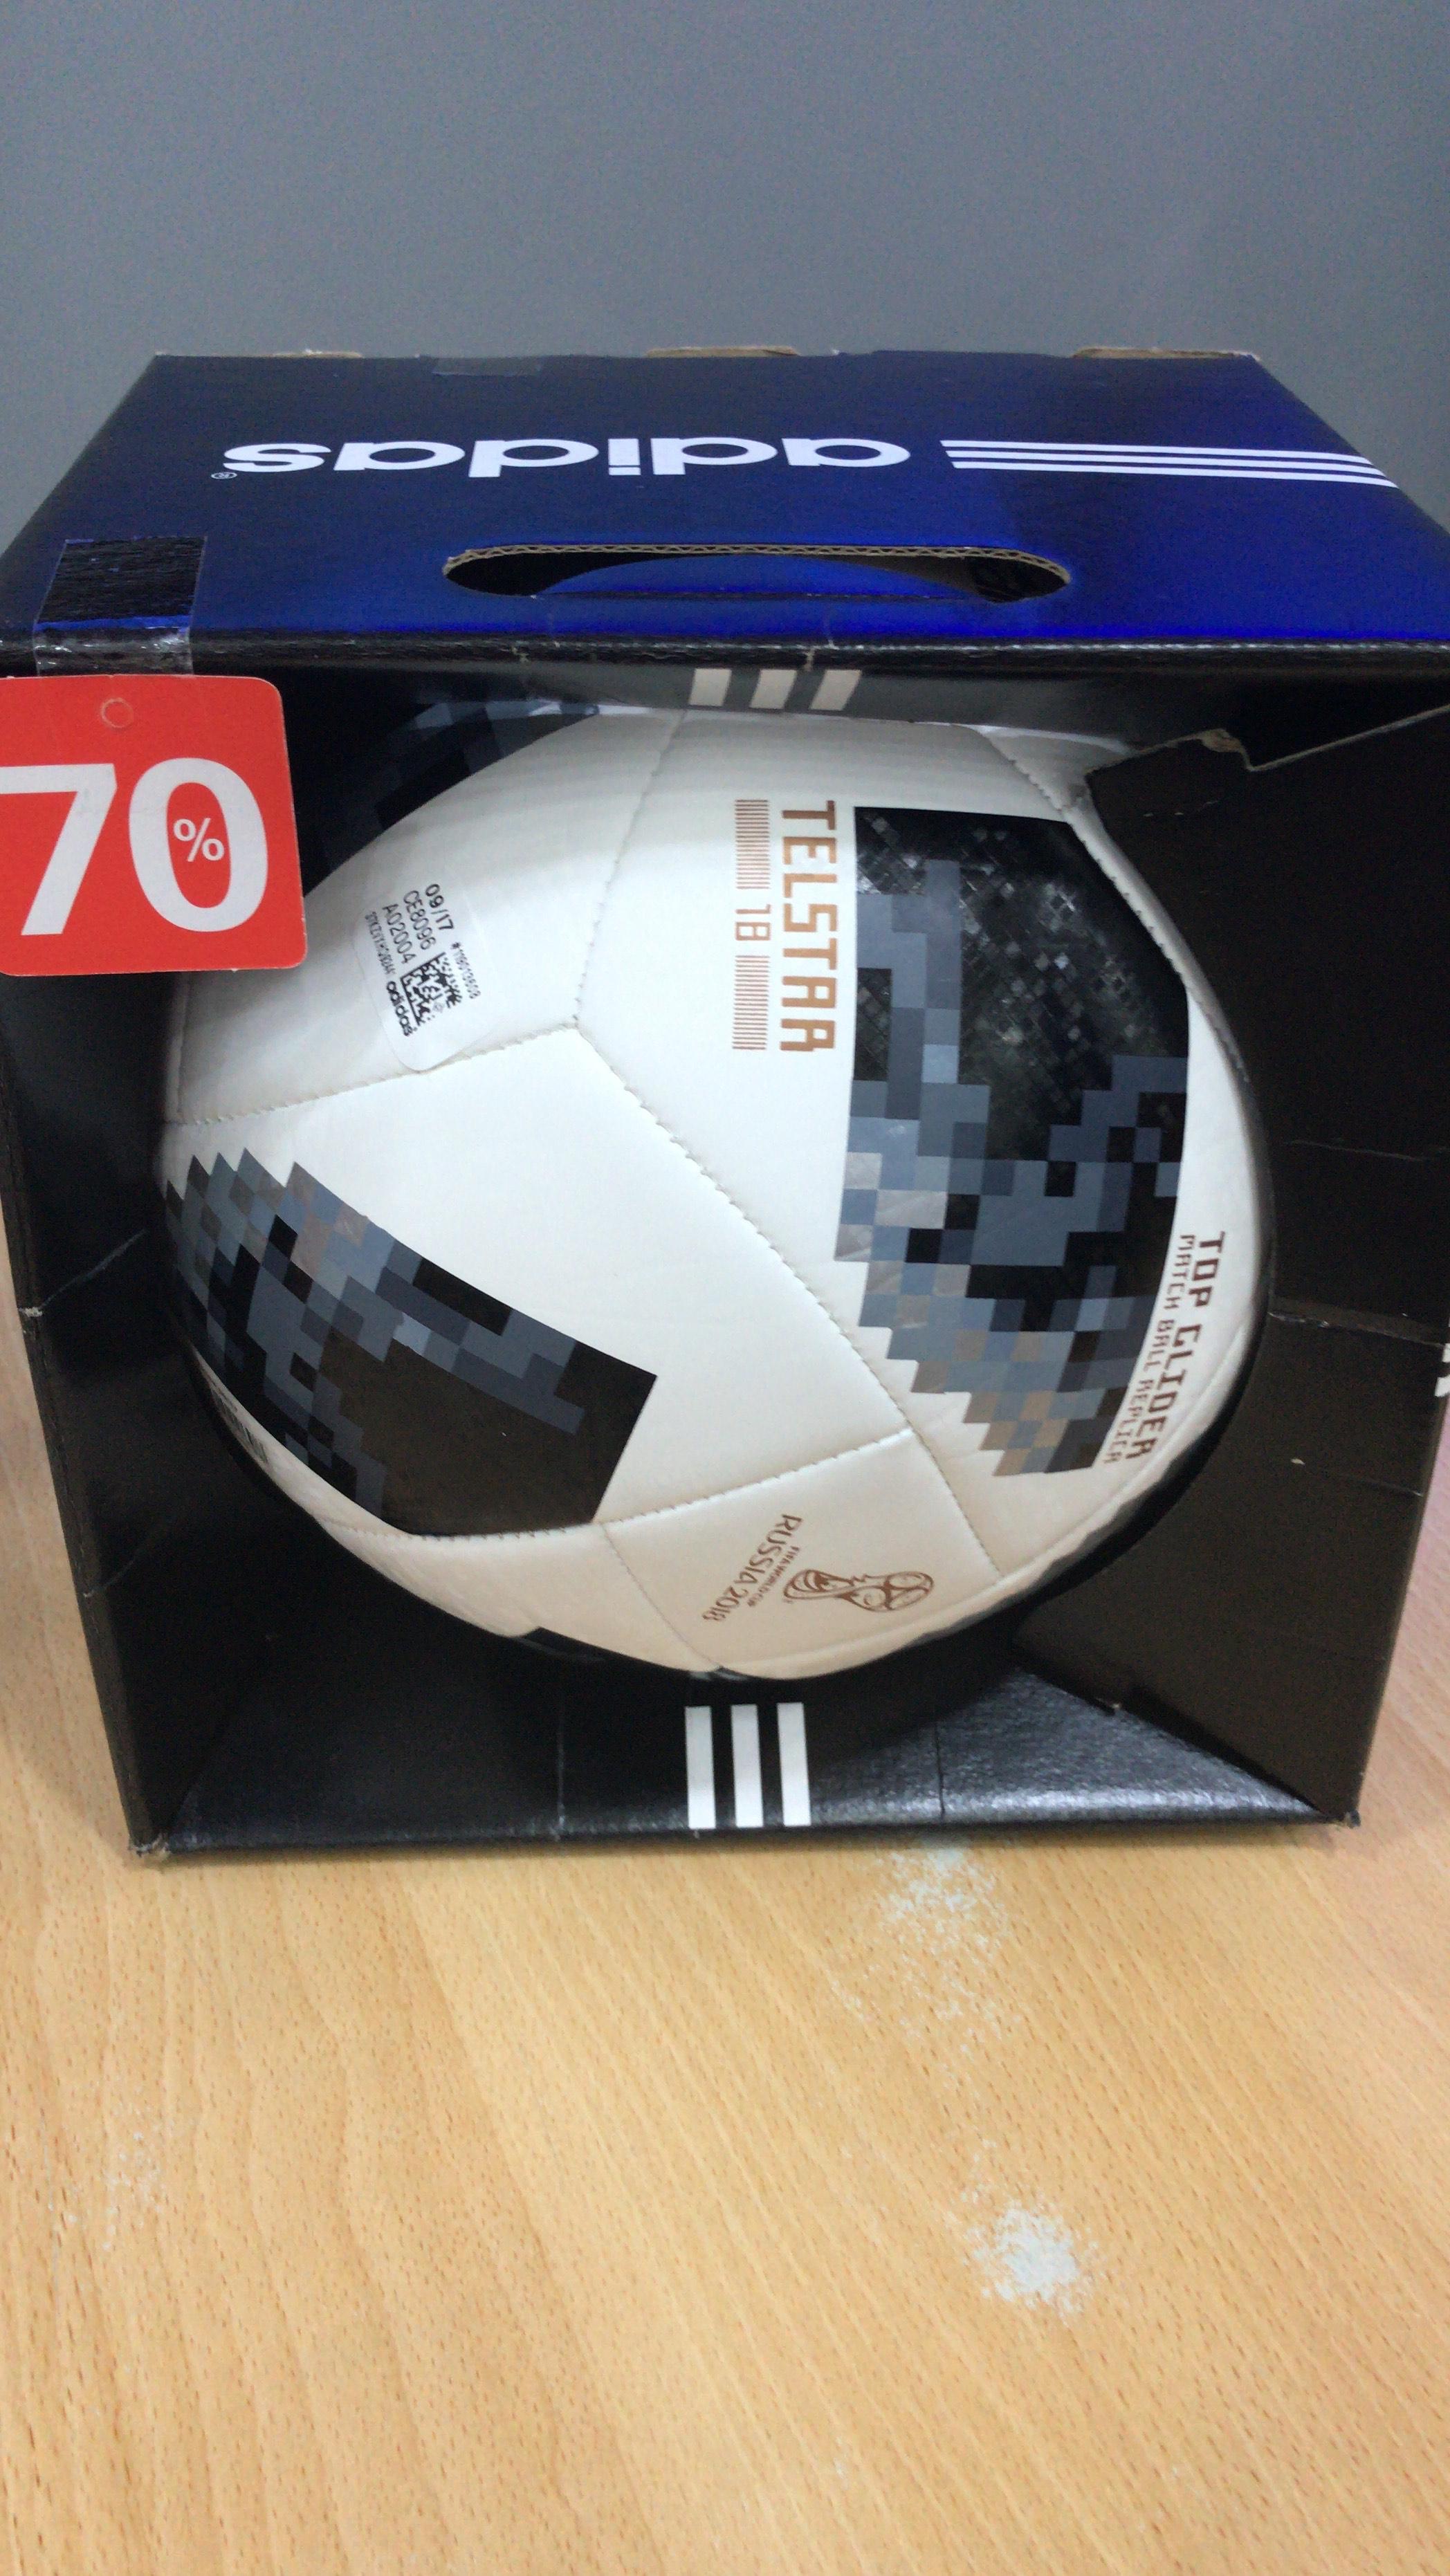 Balón Adidas -70% marti store